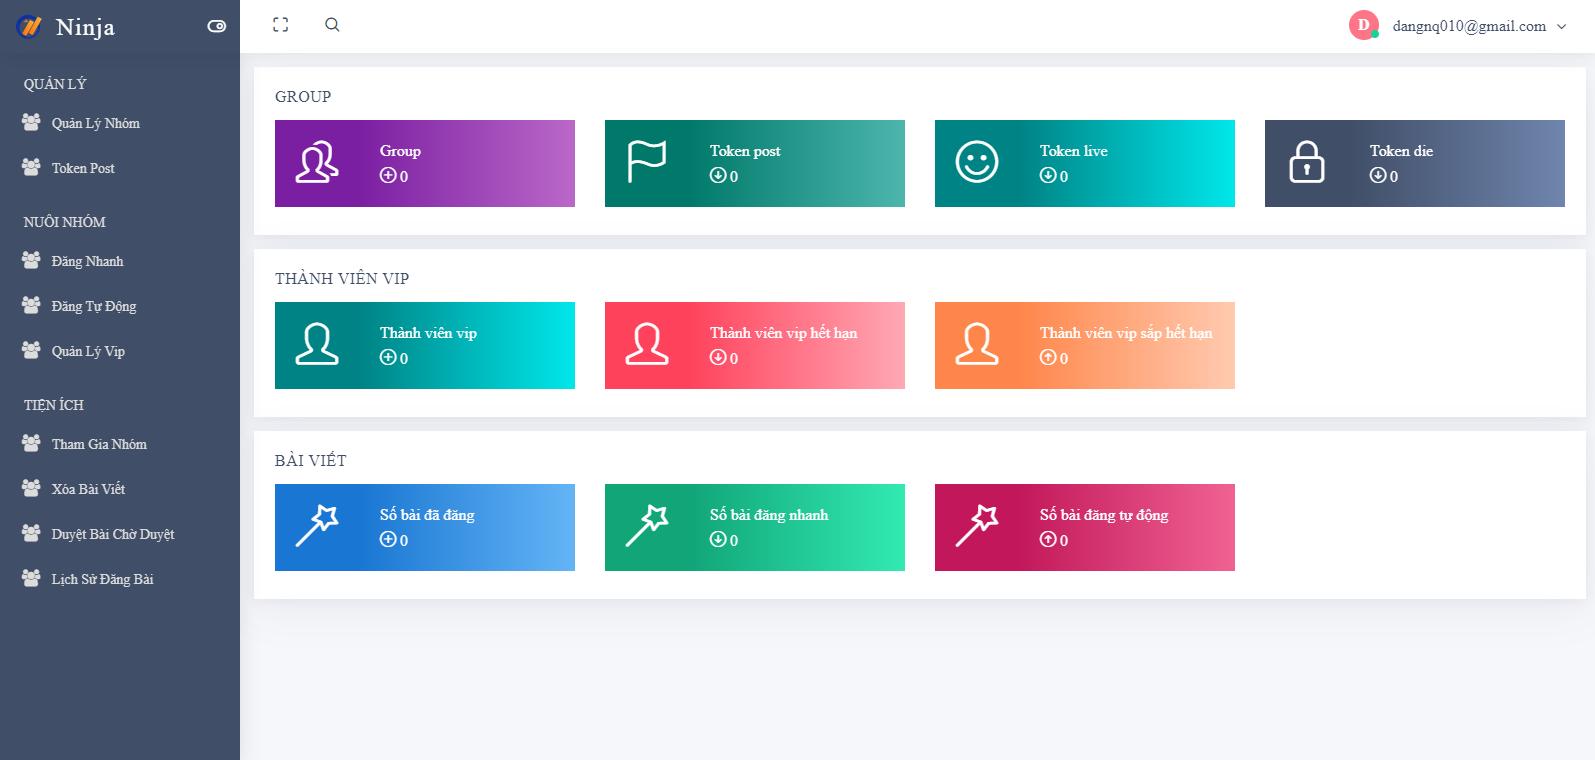 giao diện chính Tool bán hàng trên Group Facebook hiệu quả nhất 2021